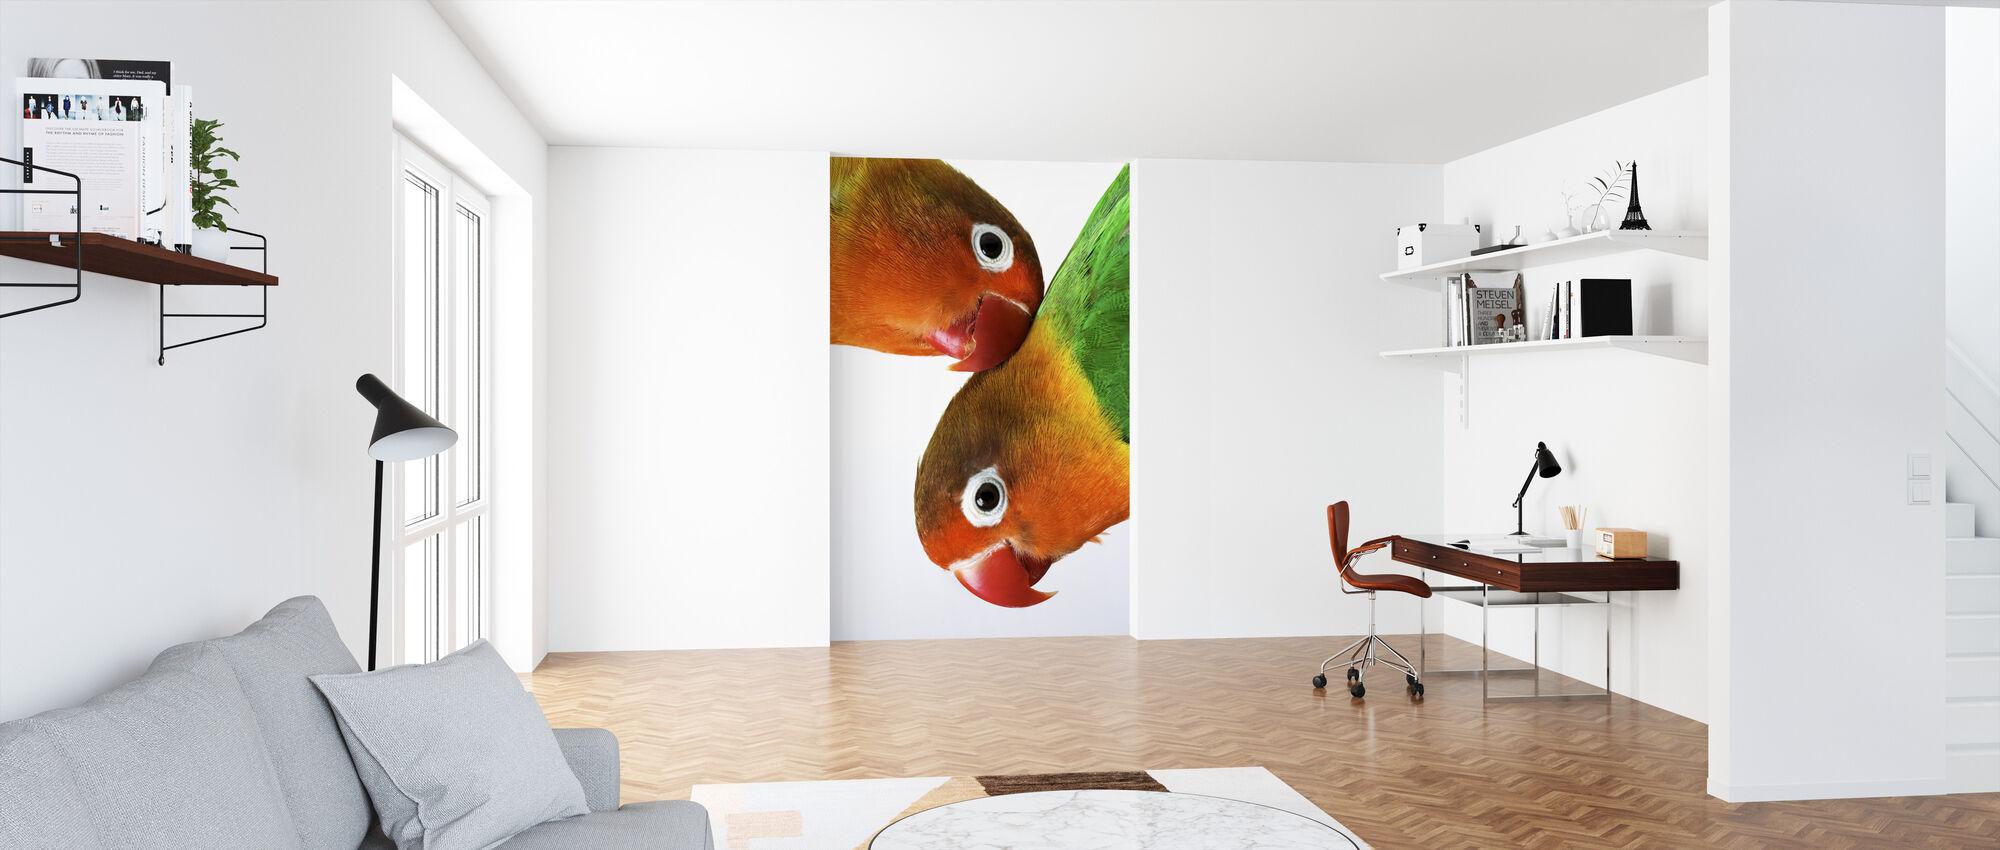 Par de tortolitos - Papel pintado - Oficina